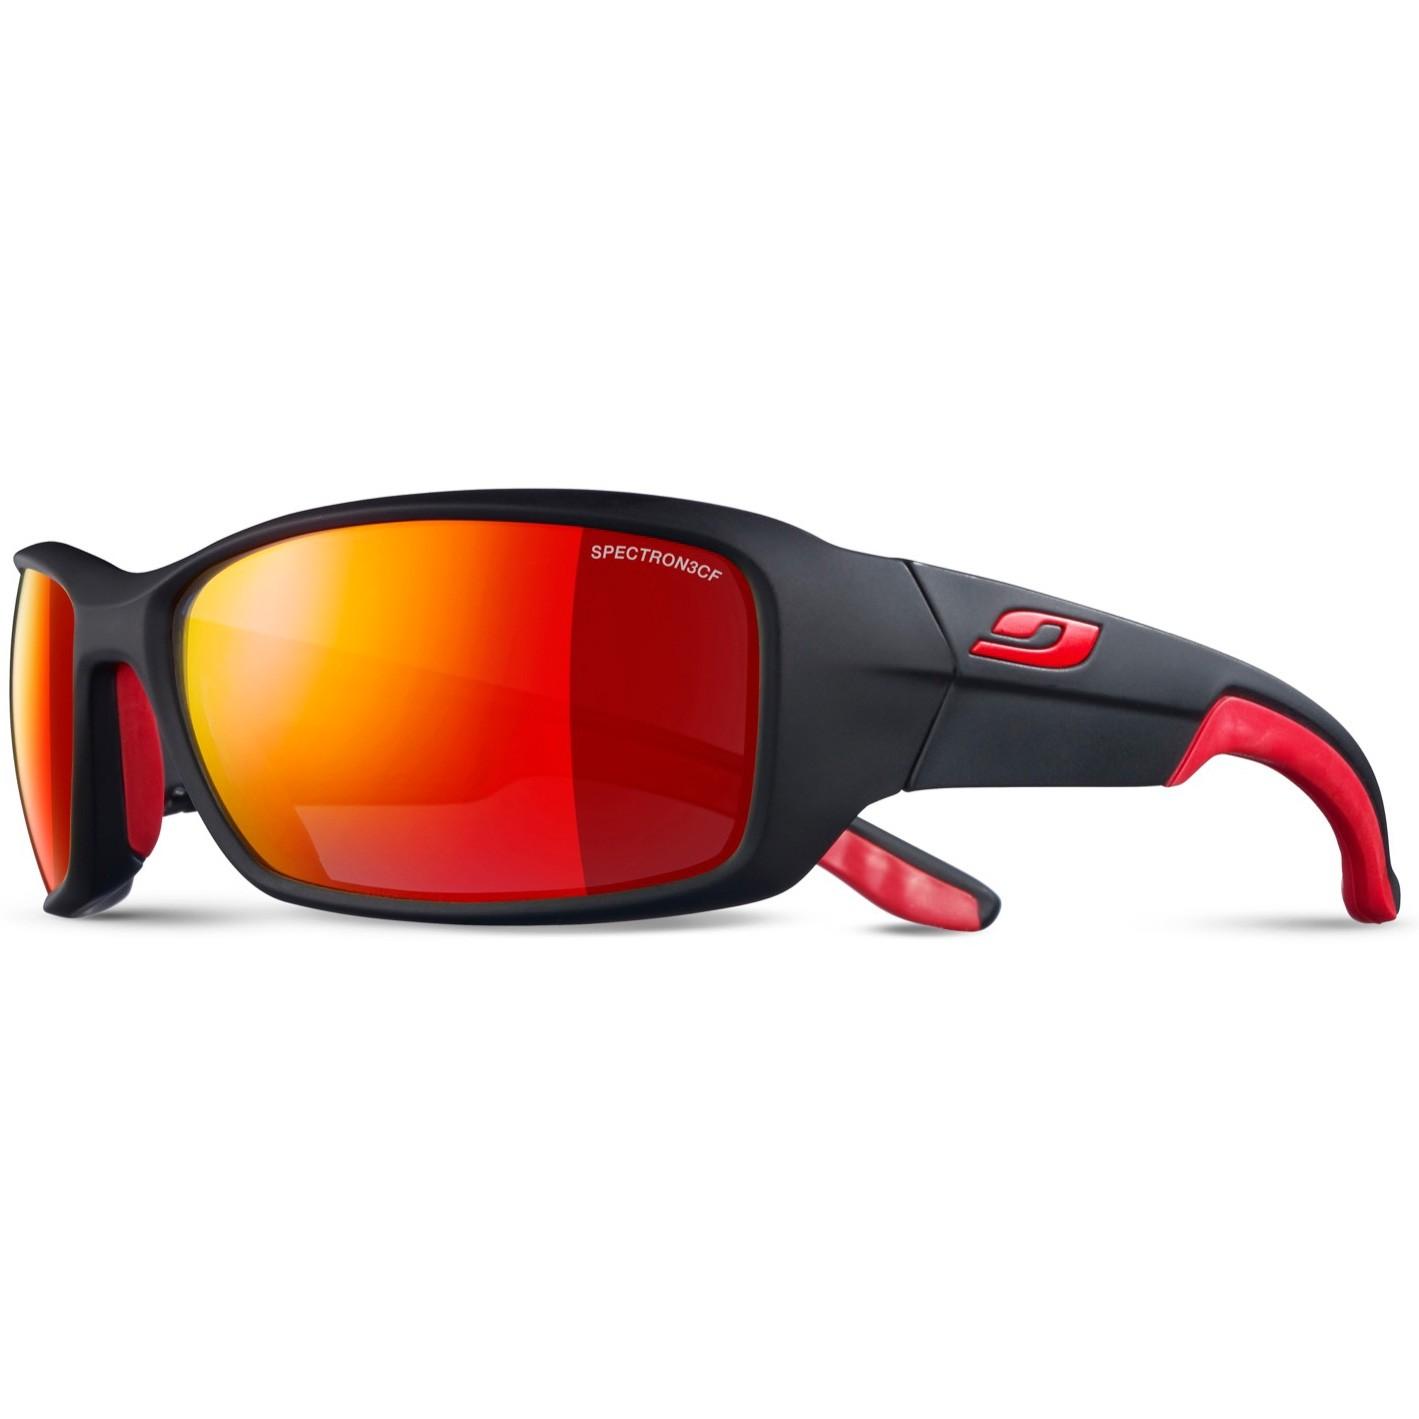 Run - Black / Red - Spectron 3 CF - Smoke ML Red Lens